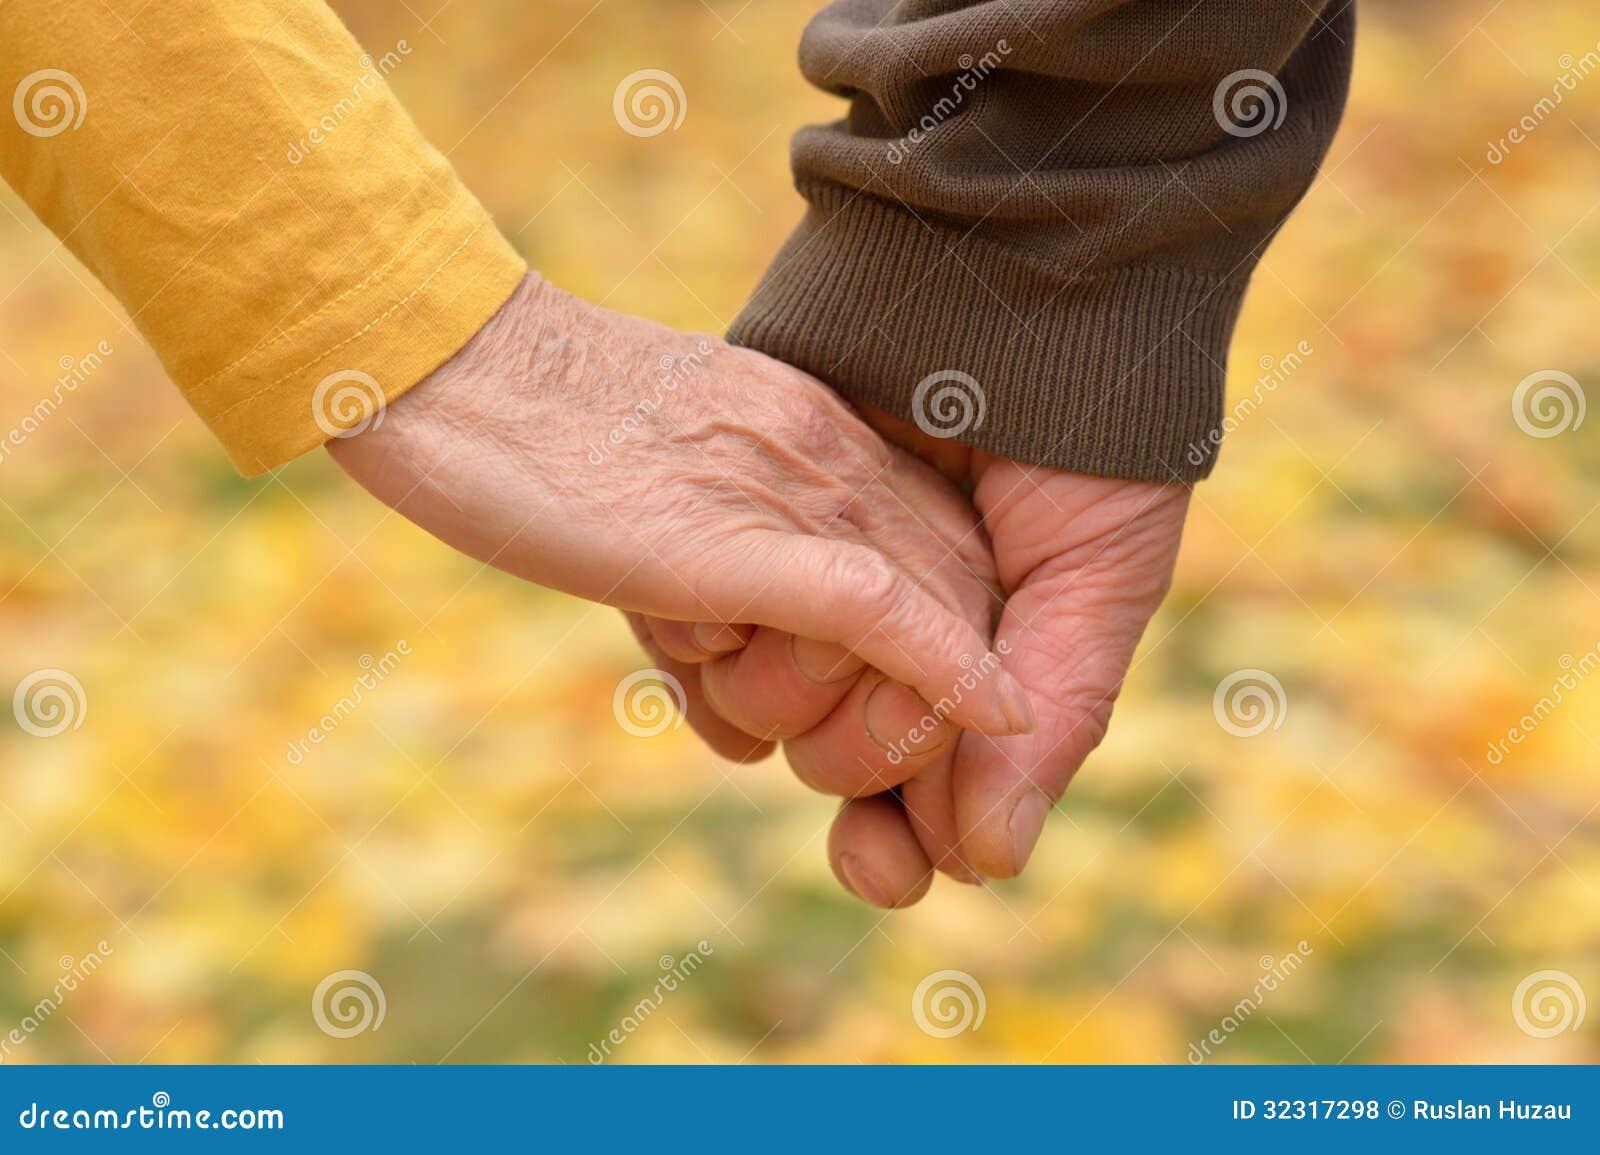 Elderly Couple Holding Hands Stock Photo - Image of lady